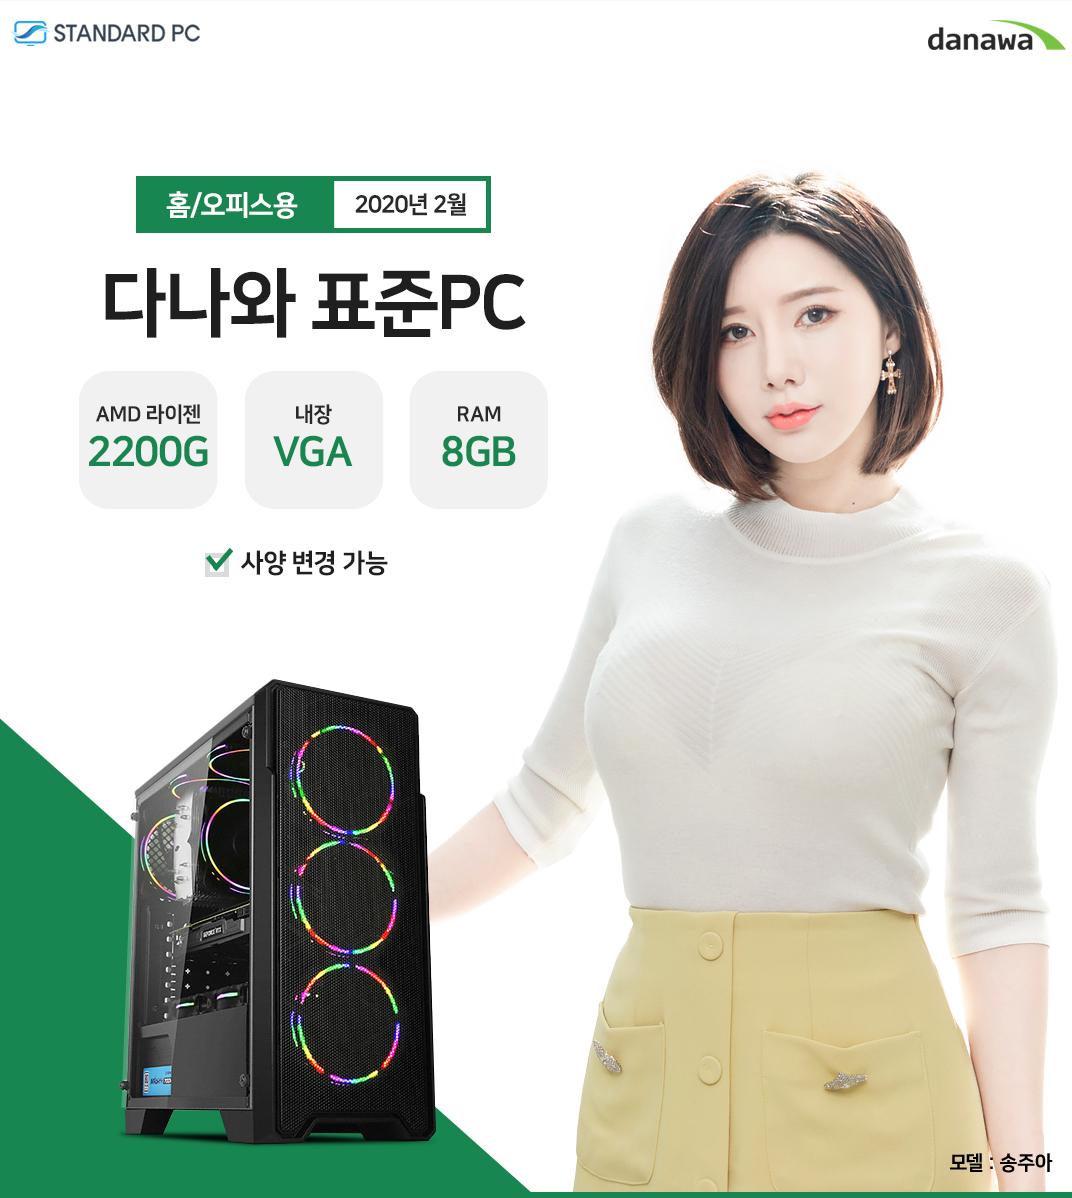 2020년 02월 다나와 표준PC 홈/오피스용 AMD 라이젠3 2200G 내장 VGA RAM 4G 모델 송주아